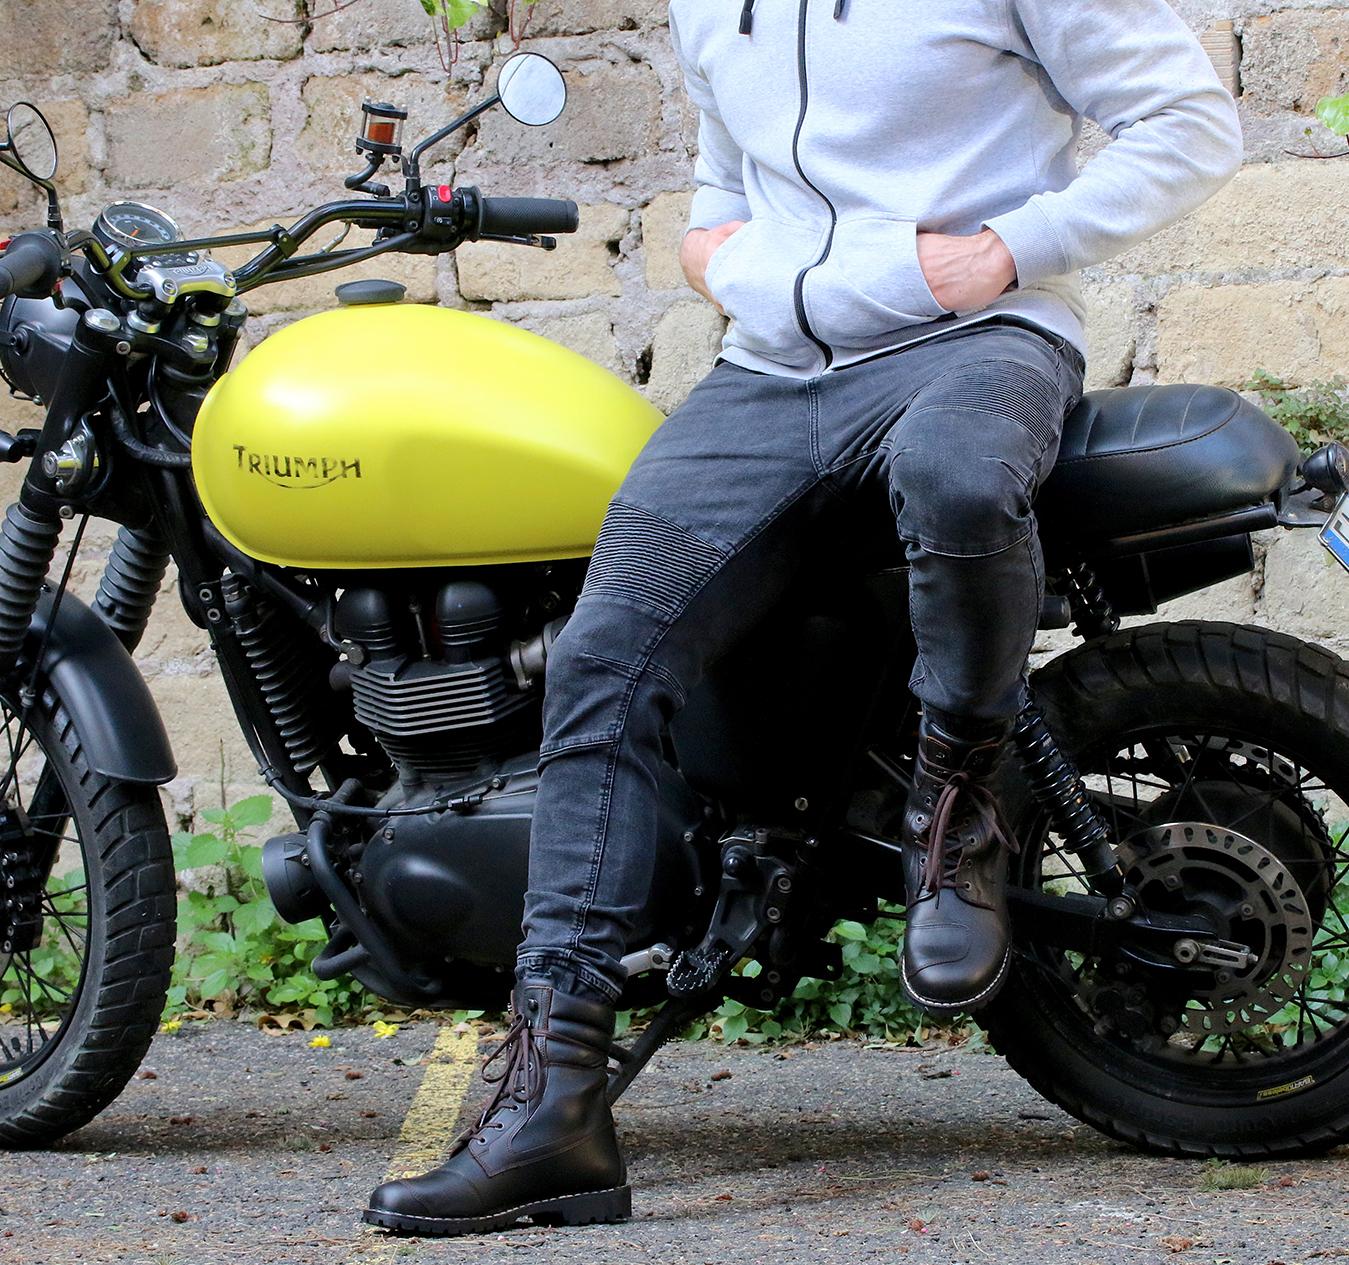 Come indossare gli stivali da moto: suggerimenti per gli uomini.